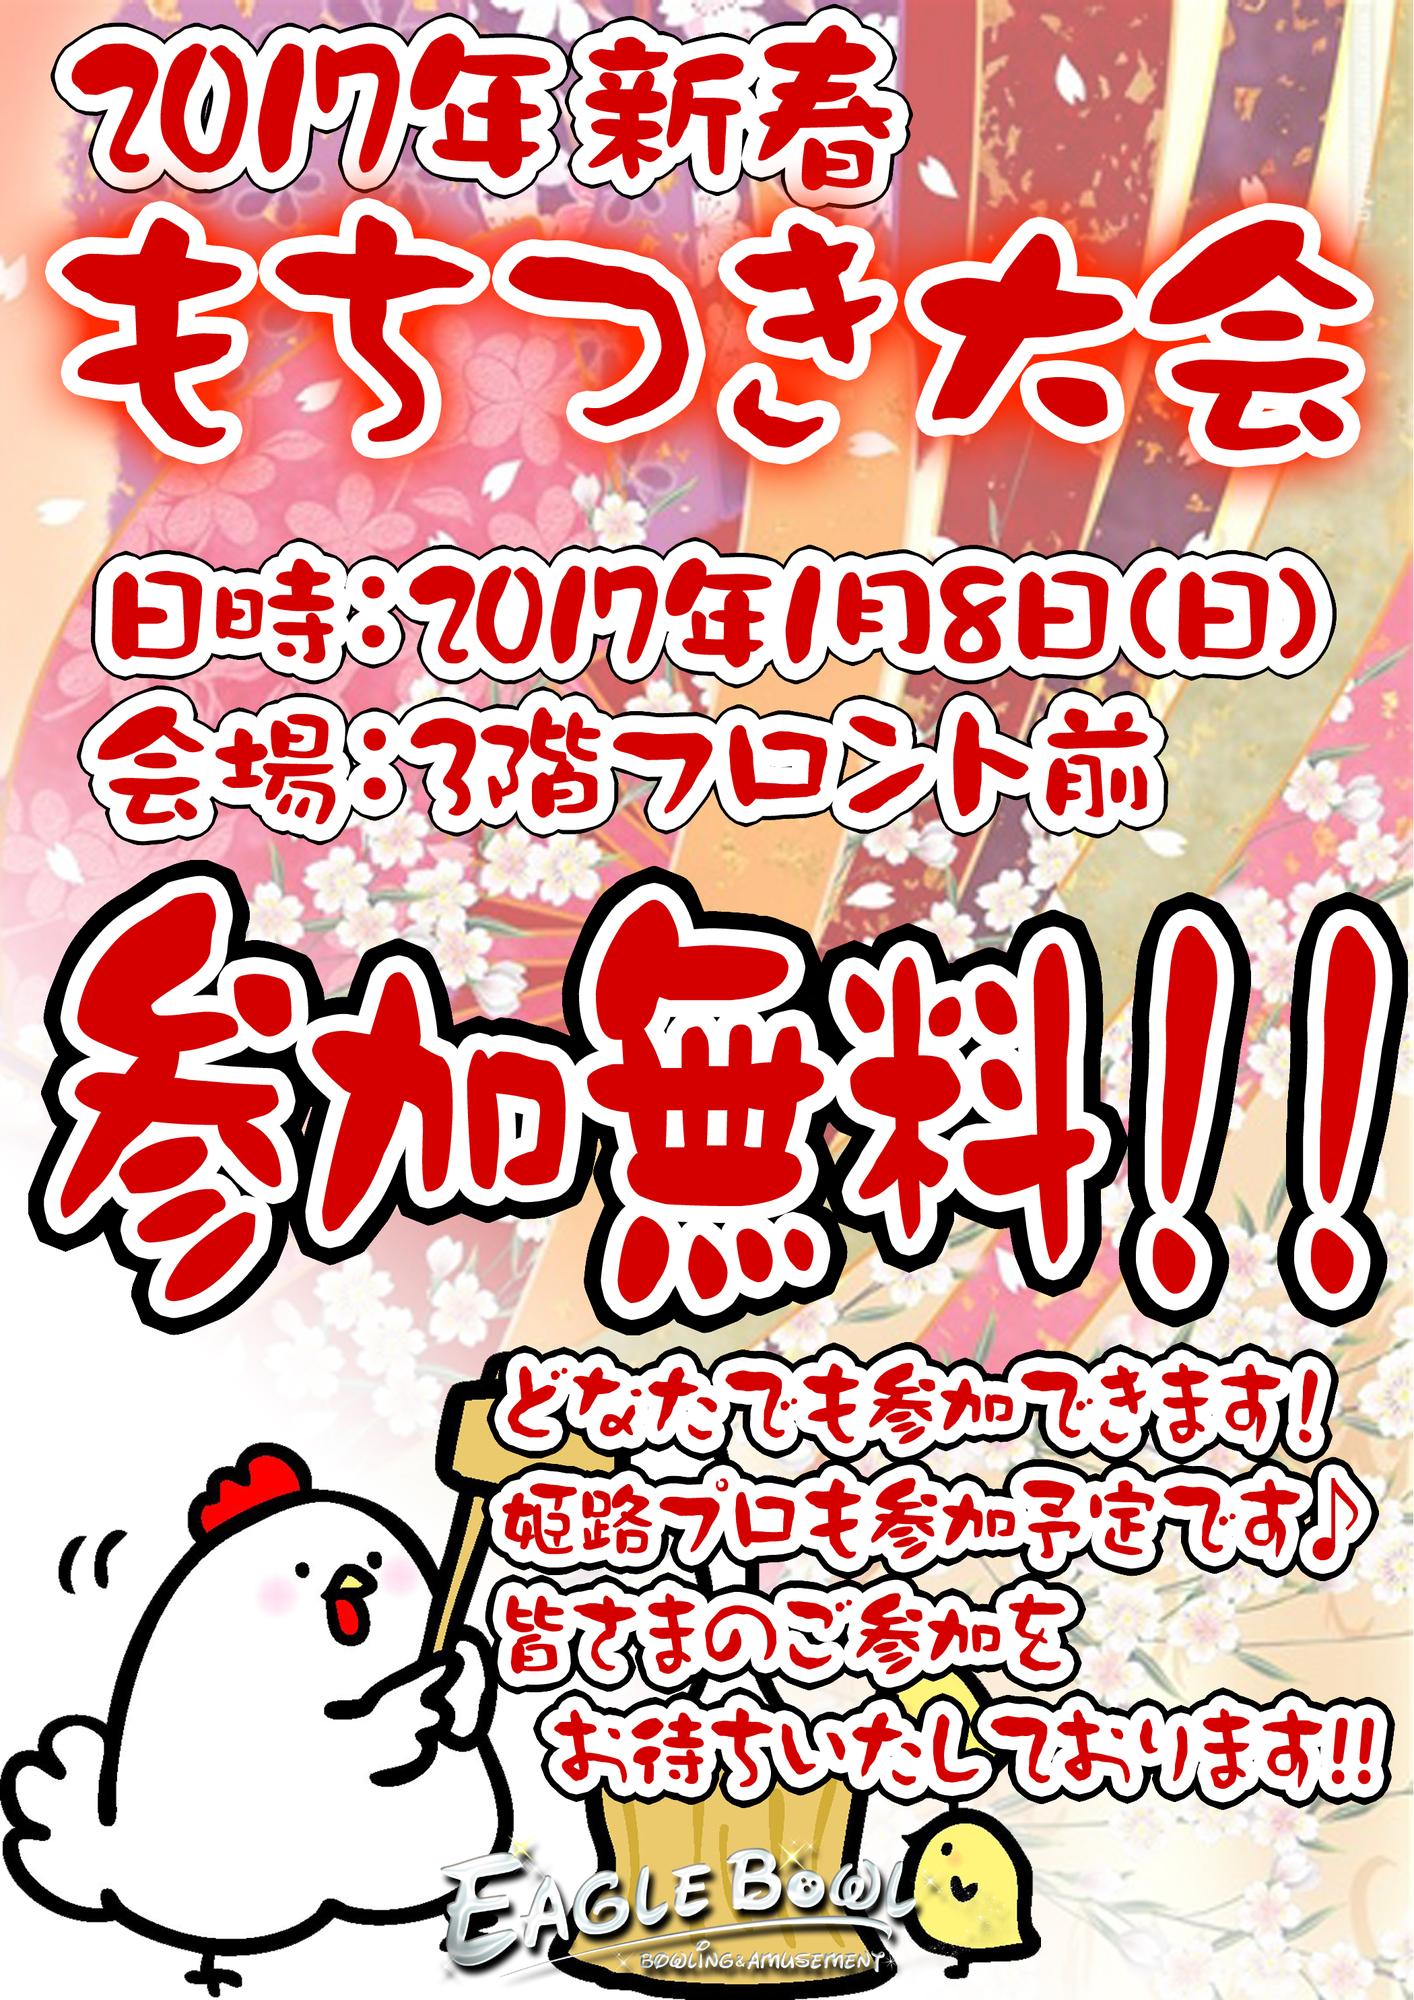 2017年新春餅つき大会